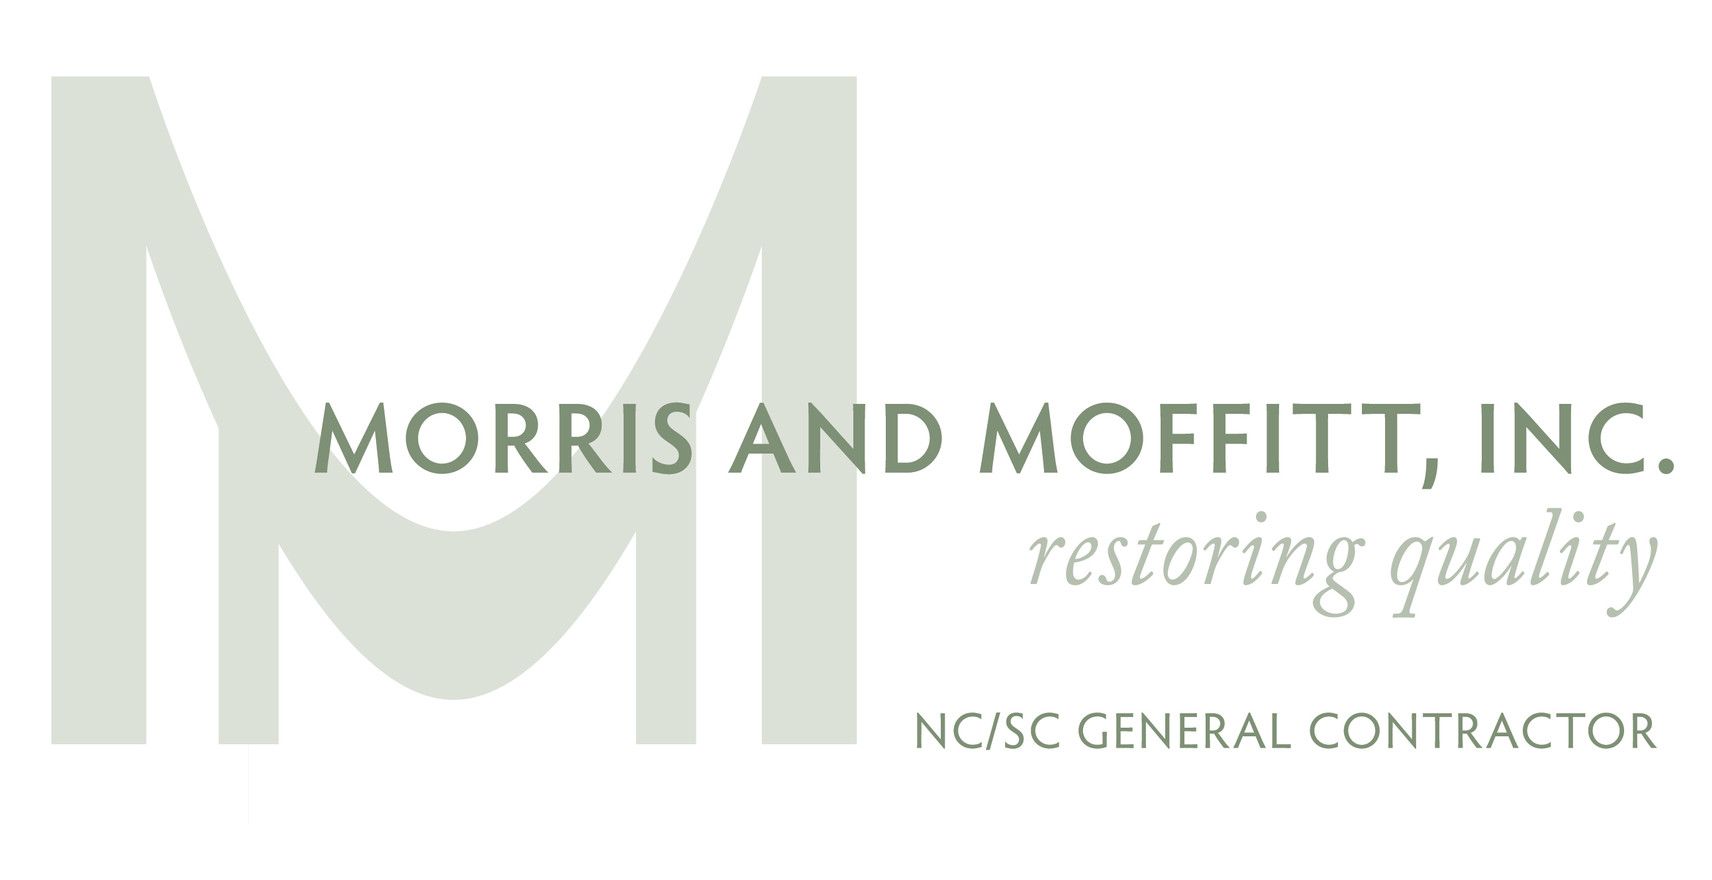 Morris and Moffitt